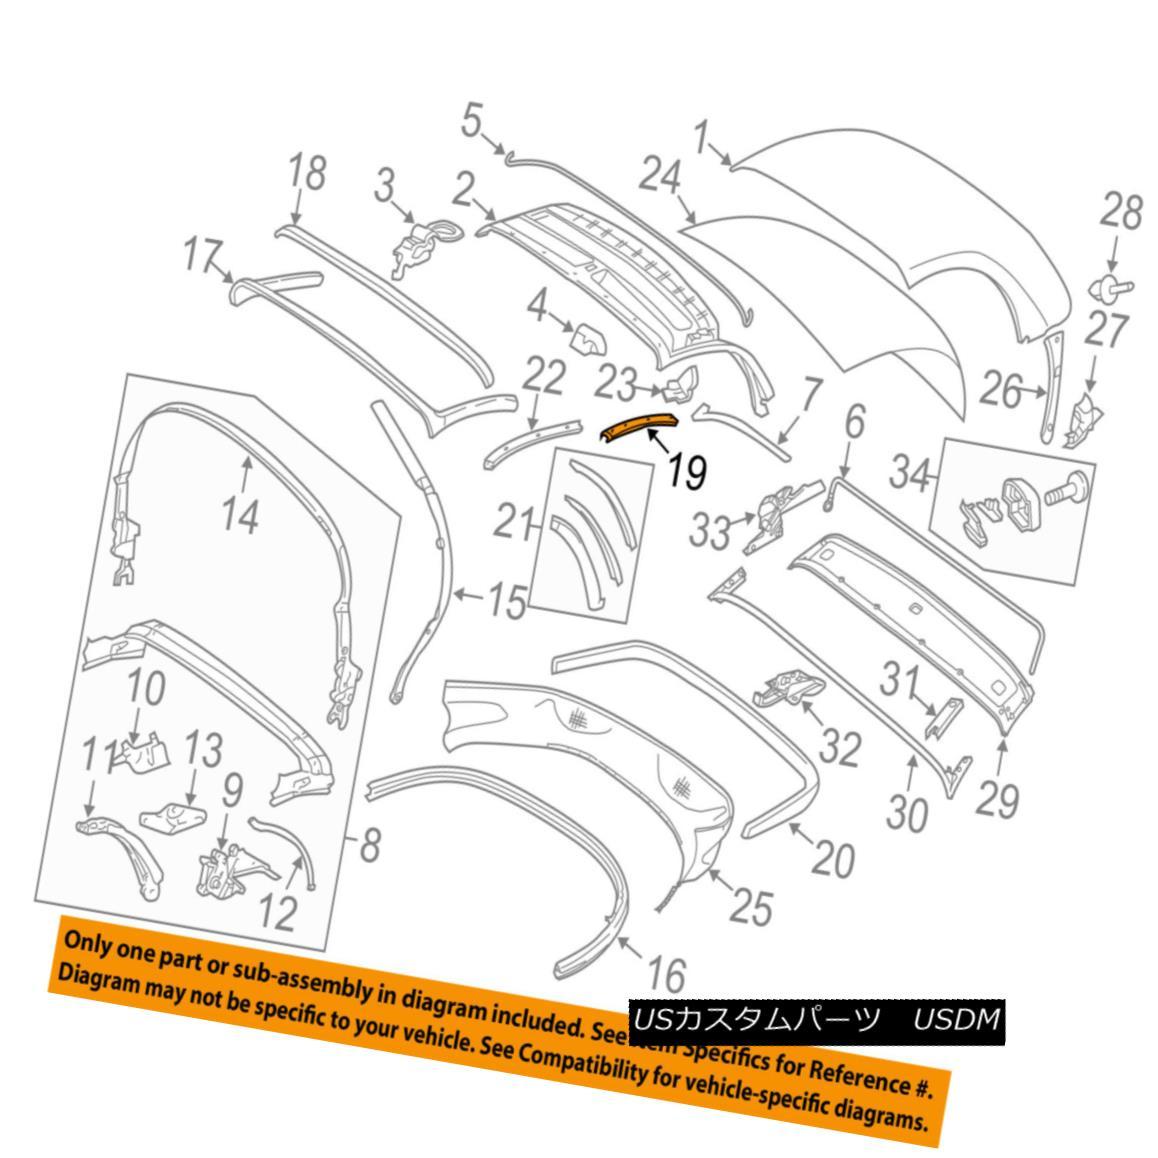 幌・ソフトトップ PORSCHE OEM 05-12 Boxster Convertible/soft Top-Retainer Right 98756111601 PORSCHE OEM 05-12 Boxster Convertible / so ftトップ保持者の権利98756111601